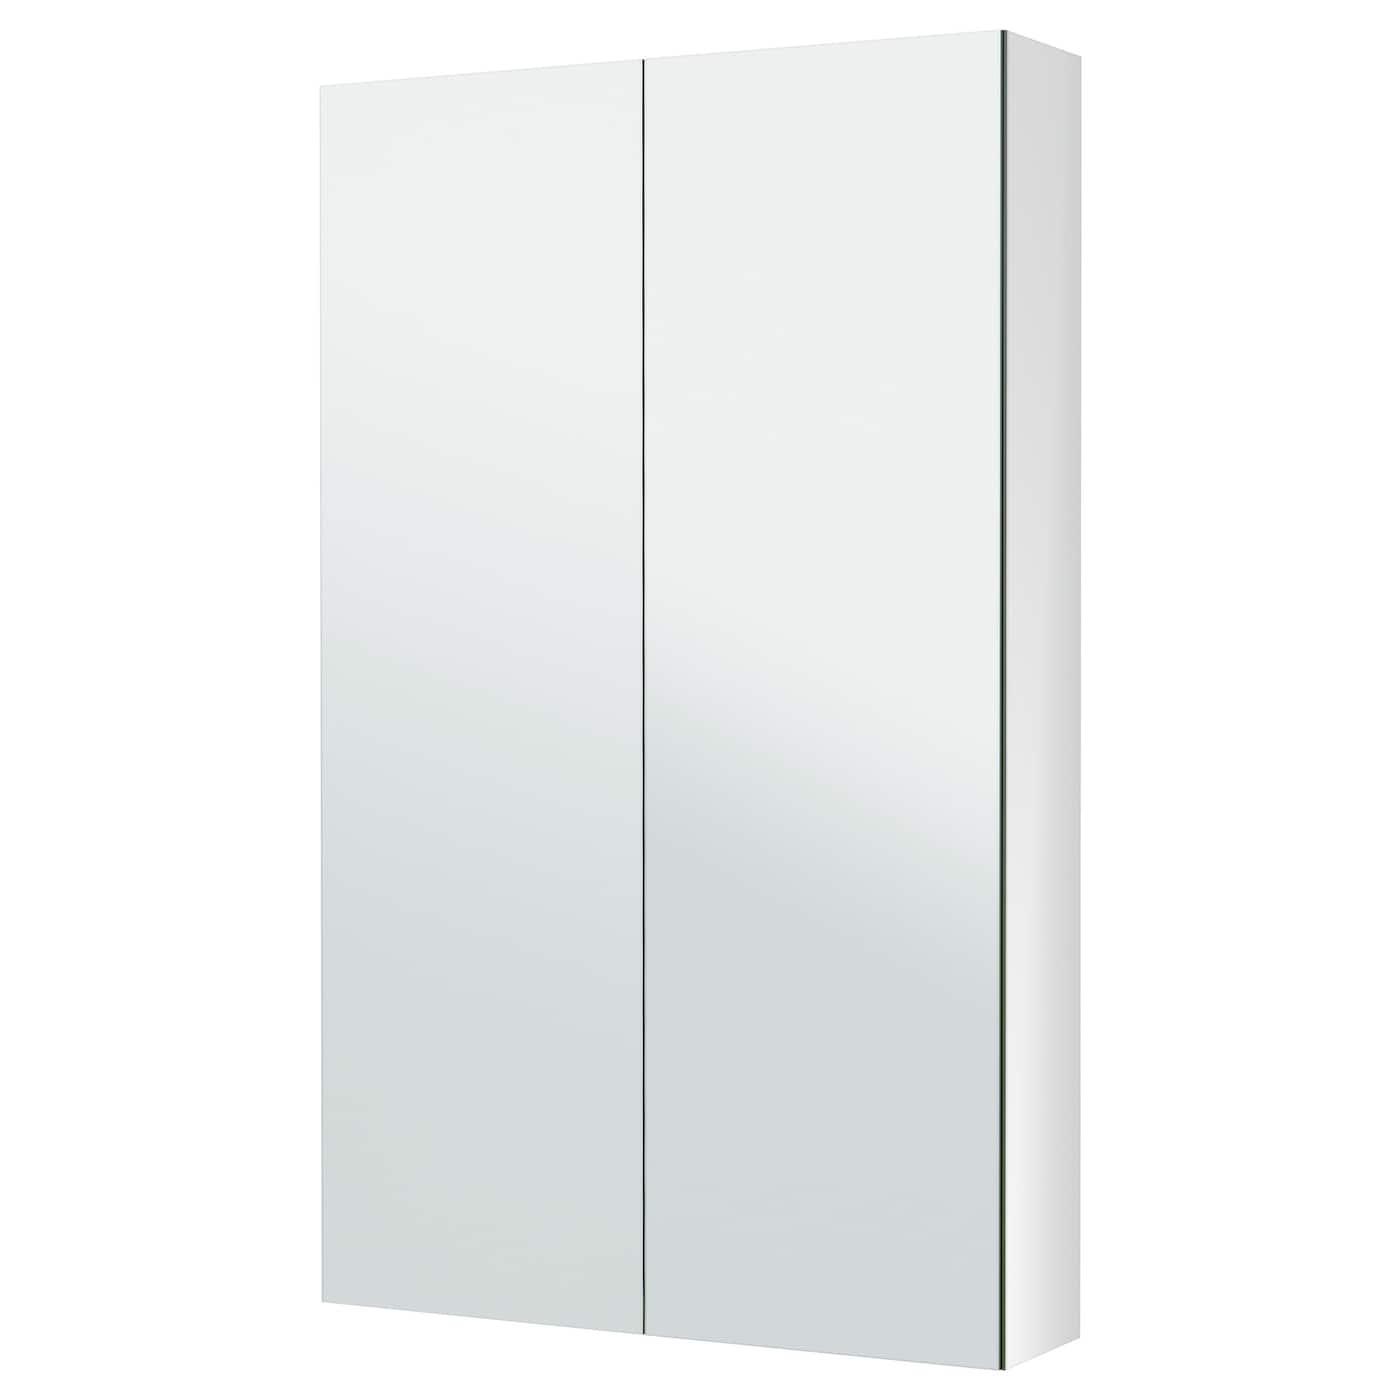 godmorgon meuble miroir 2 portes 60x14x96 cm ikea